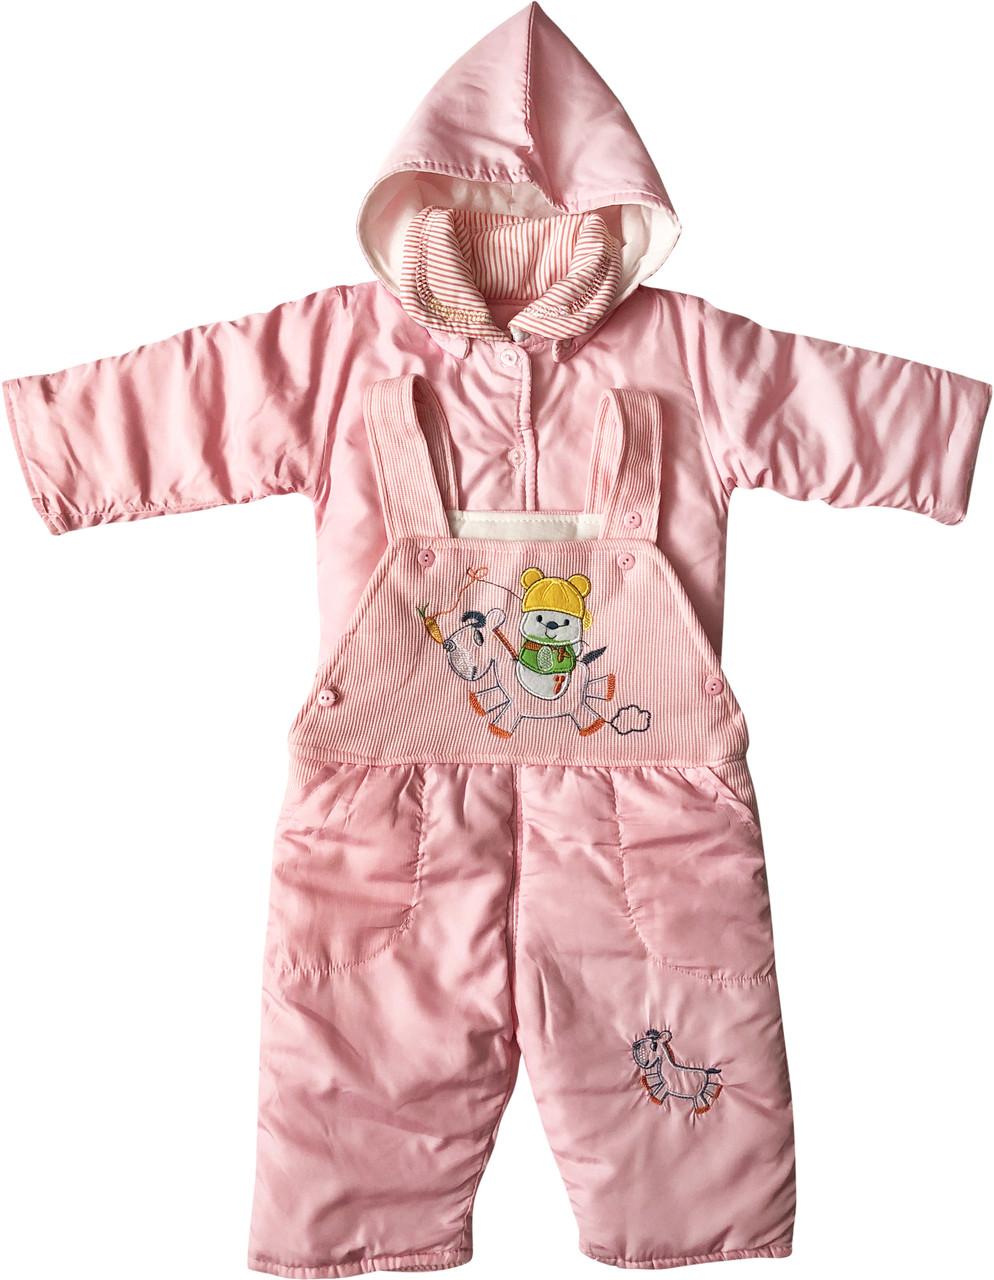 Детский демисезонный костюм рост 68 3-6 мес утеплённый с капюшоном весна осень розовый костюмчик на девочку для новорожденных малышей ТН145